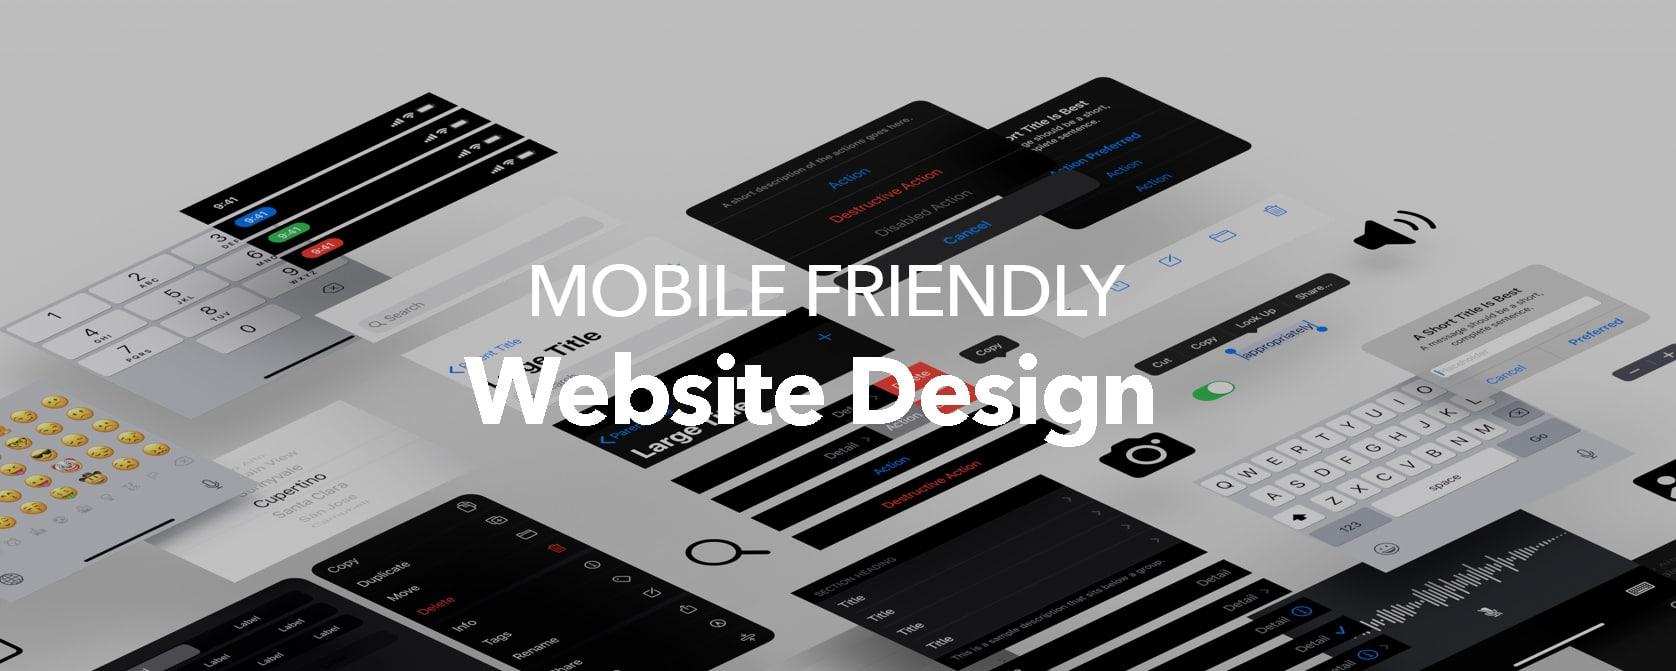 Apple-Design-Resources-Apple-Developer-better-website-design